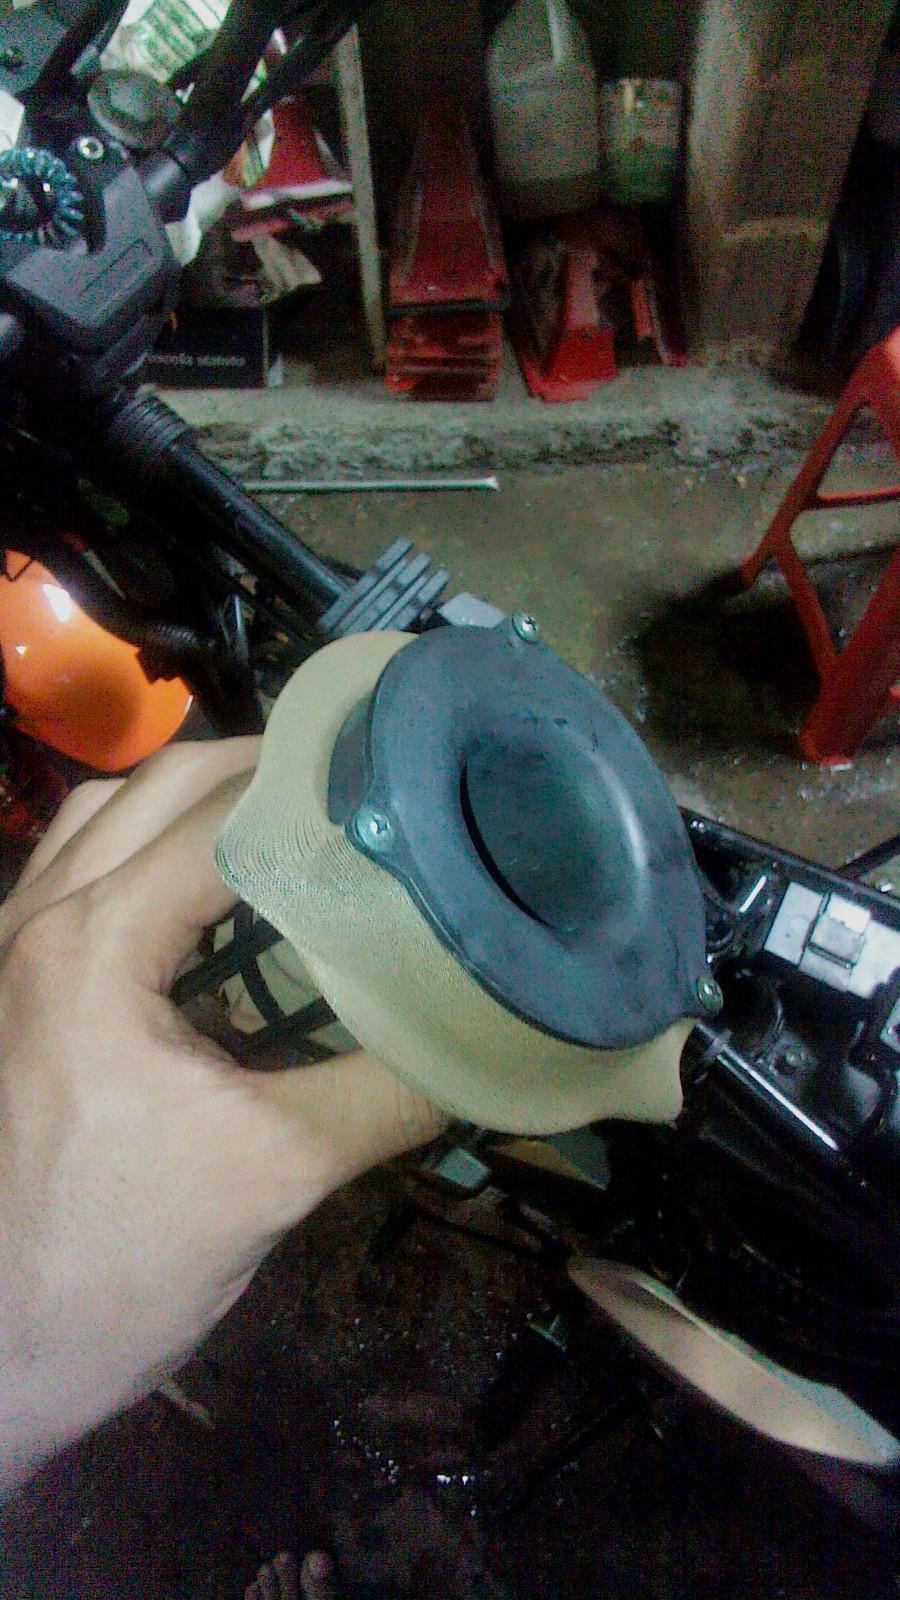 Ajuste de valvulas y mantenimiento filtro de aire a mi RKV200!! Ic1c0i